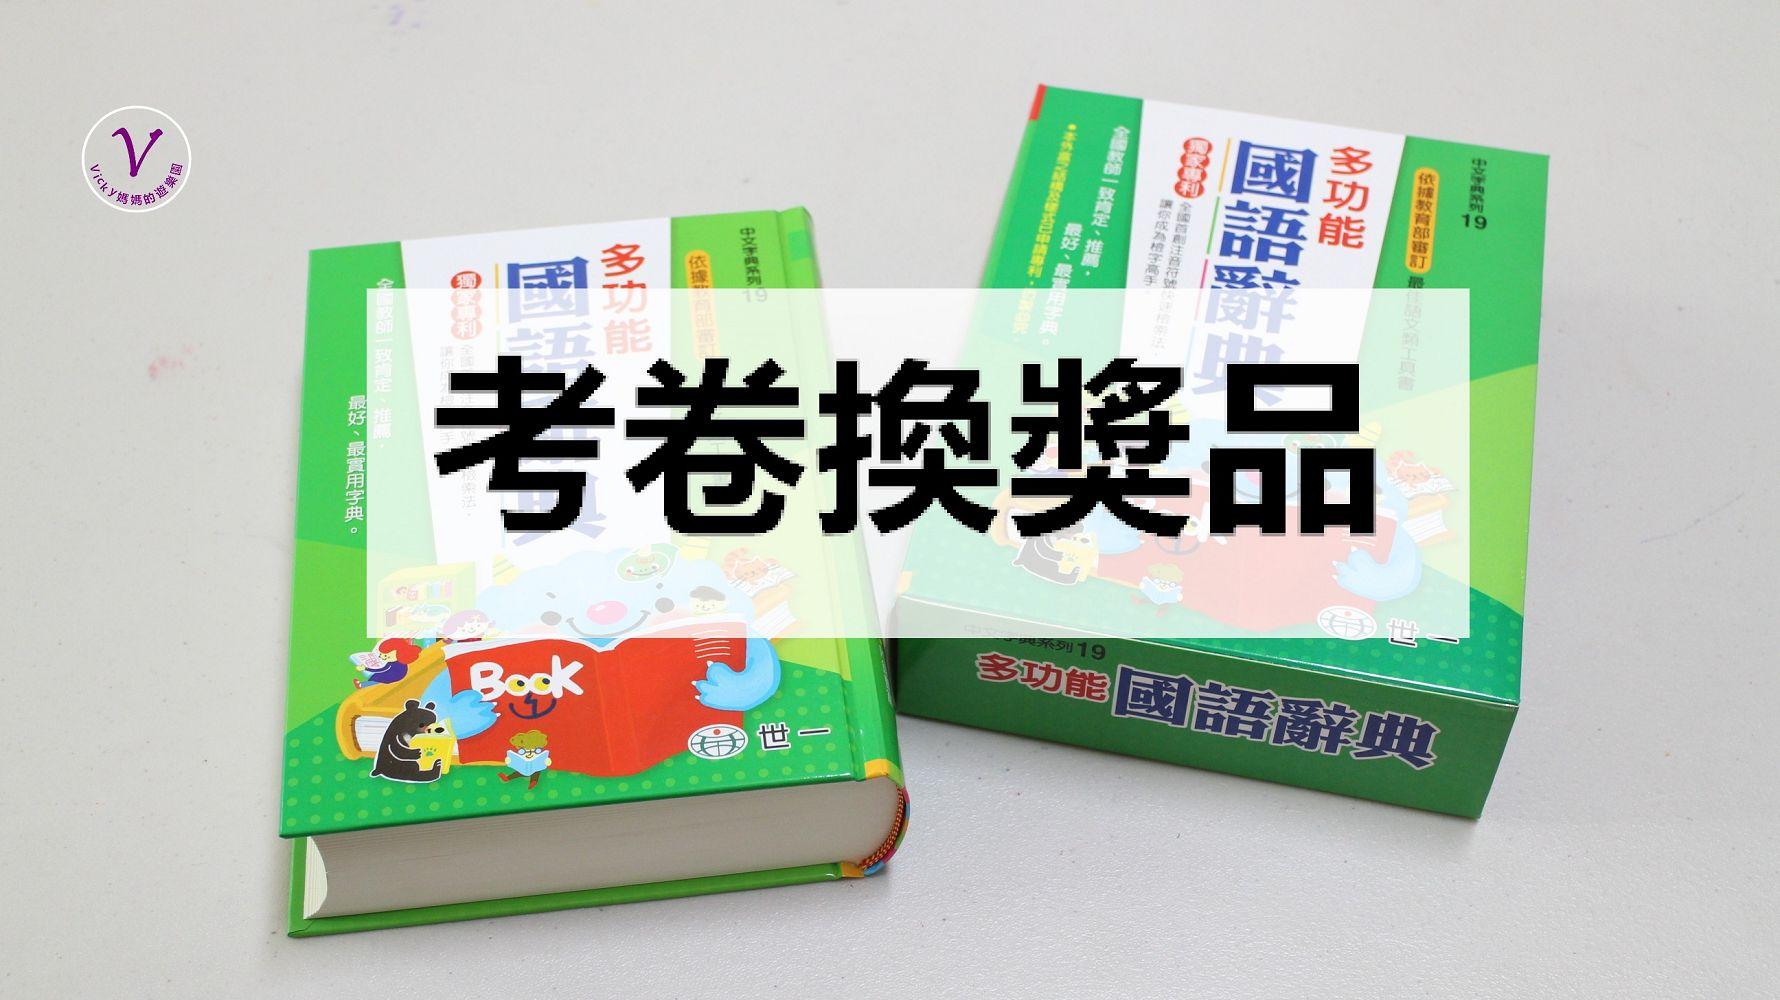 鼓勵孩子:考卷換獎品,有文具用品也有美食喔(台南高雄地區限定)